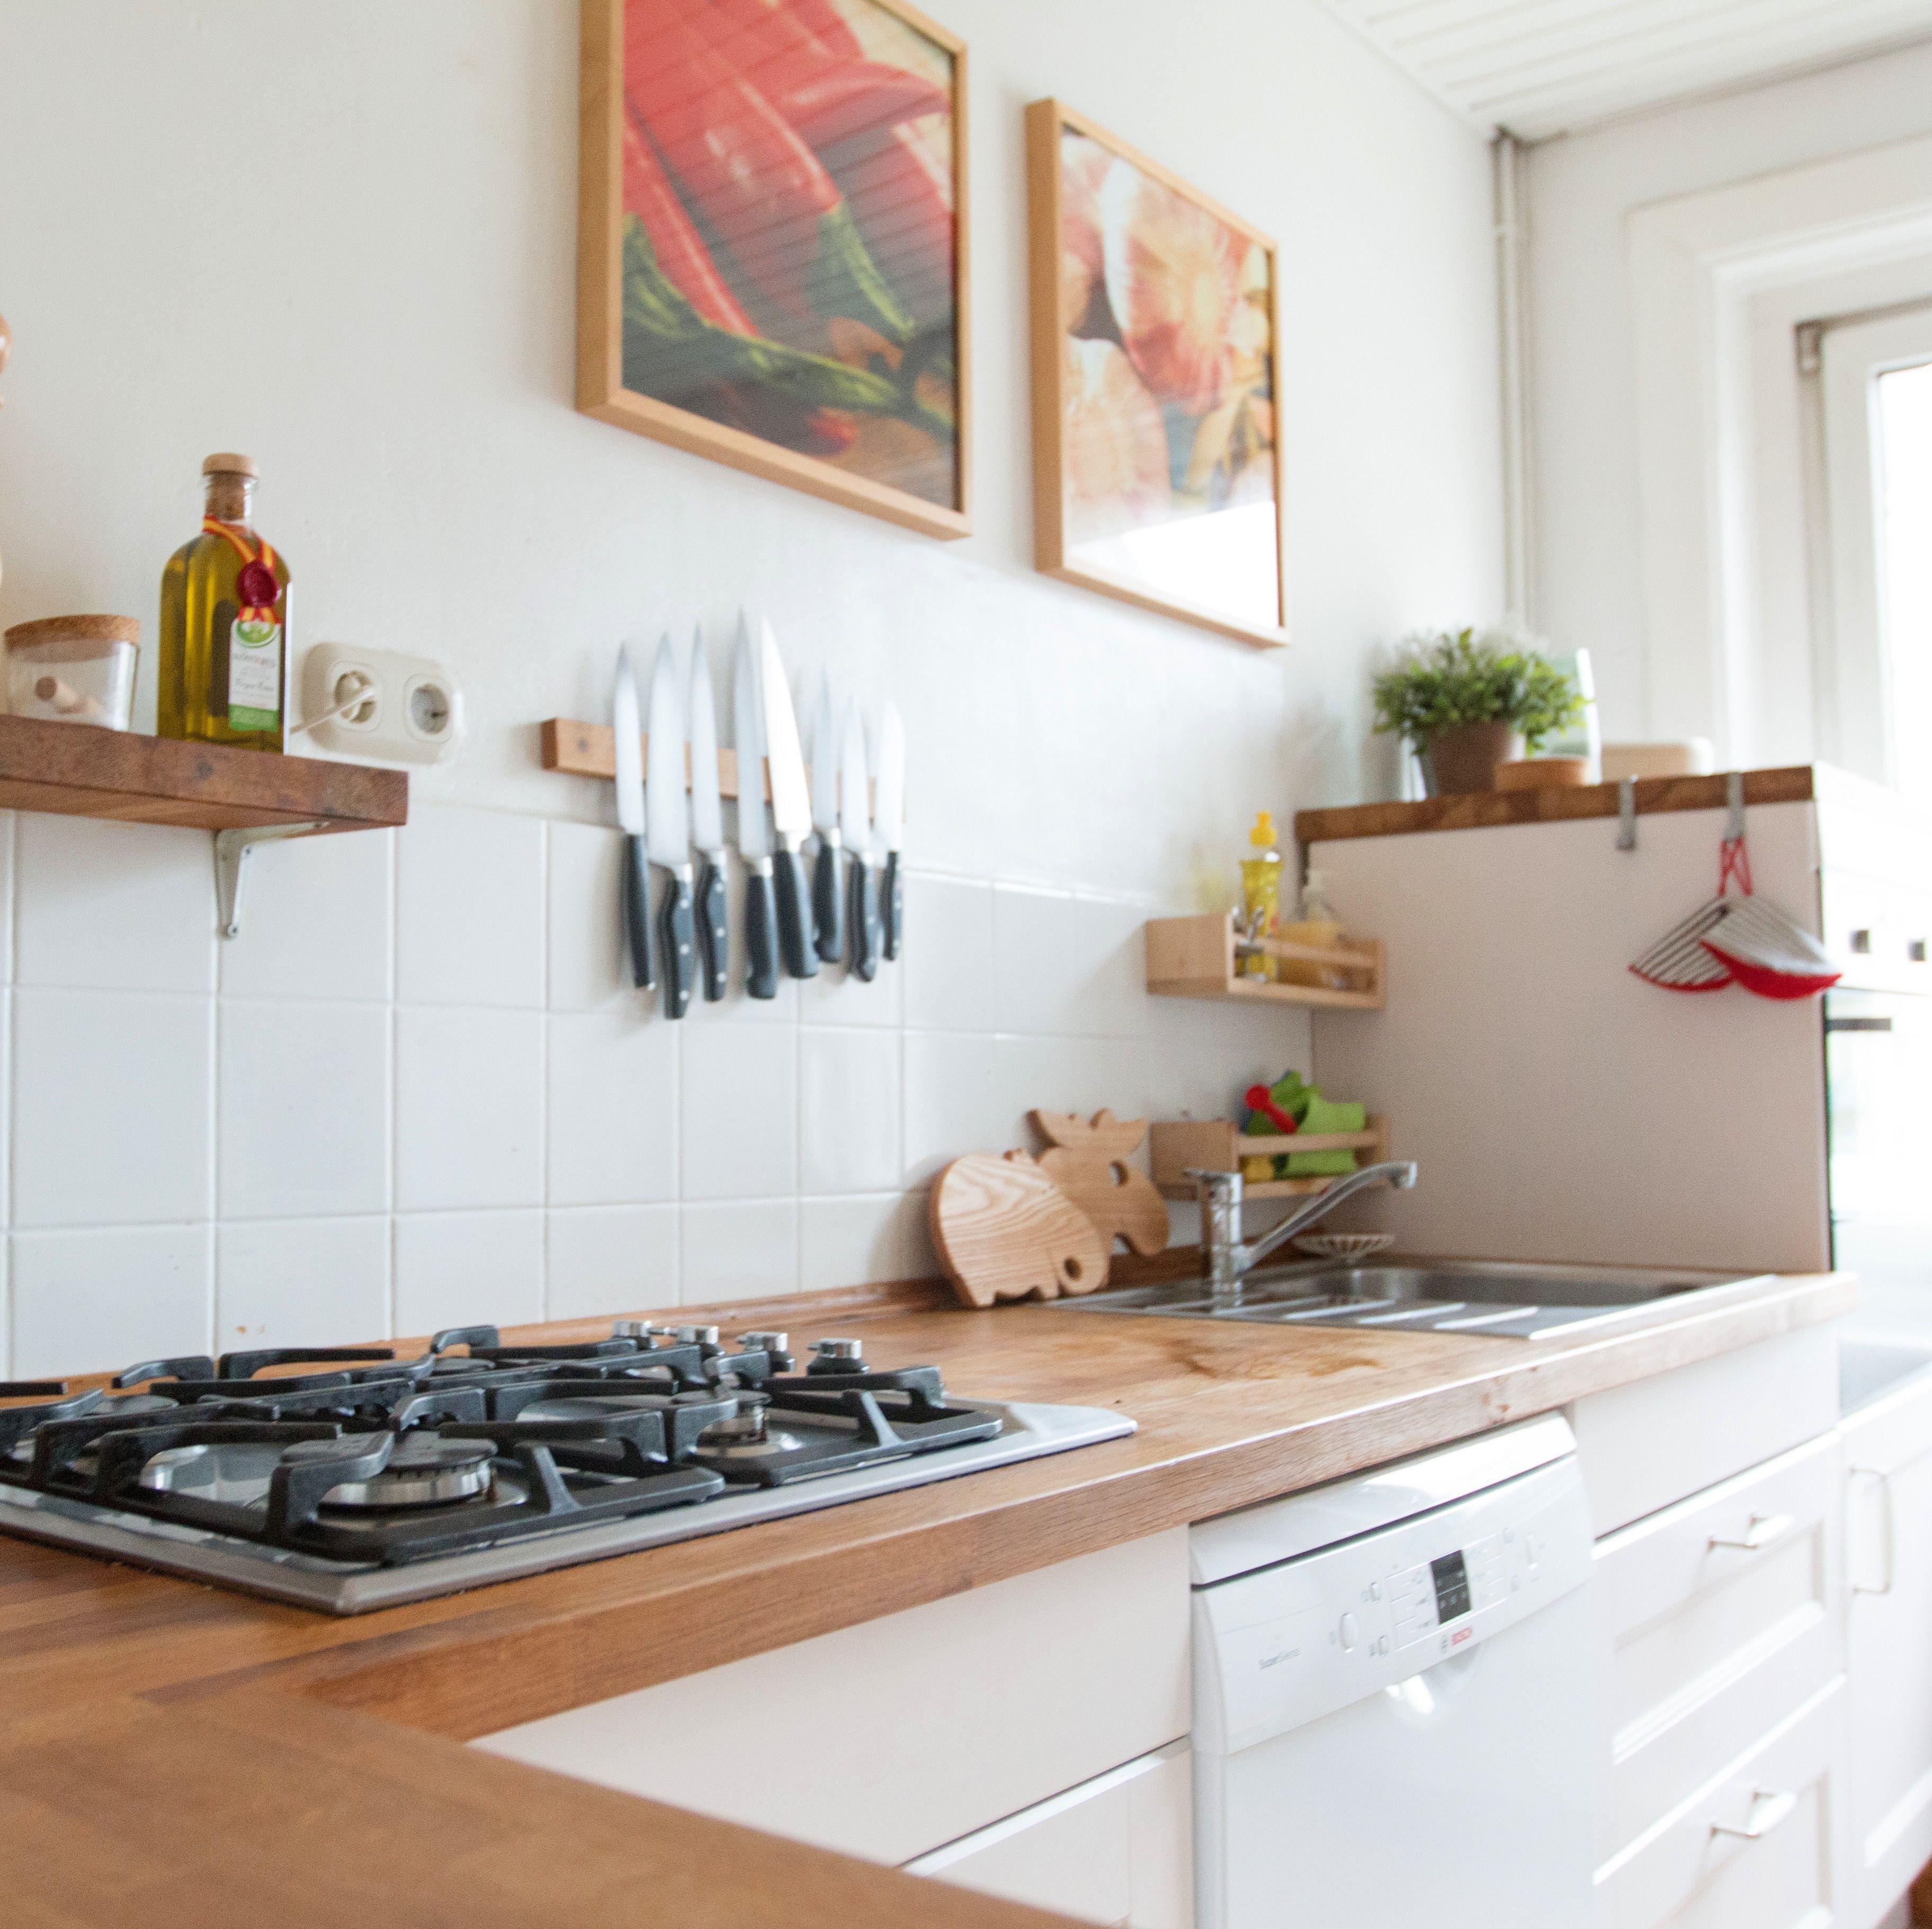 Ungewöhnlich Beste Richtung Für Die Küche Nach Vastu Galerie - Ideen ...